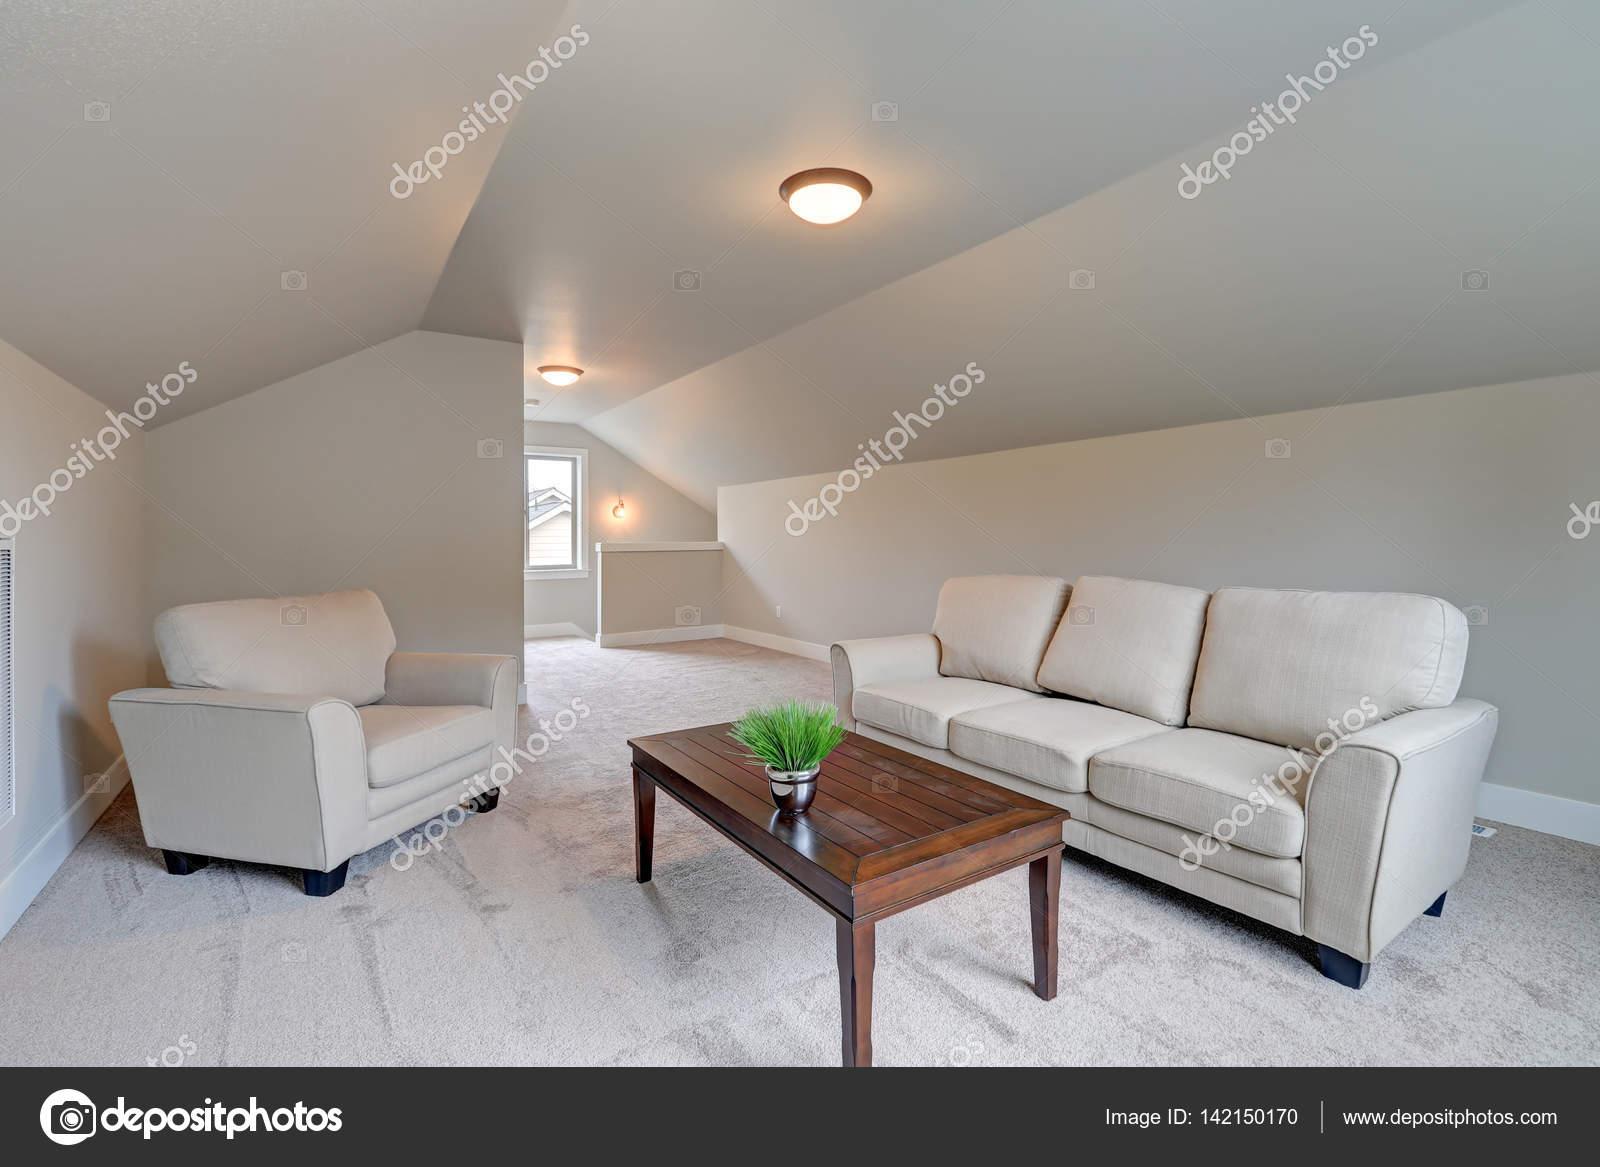 Gewölbte Decke Familienzimmer Interieur mit grauer Farbe — Stockfoto ...